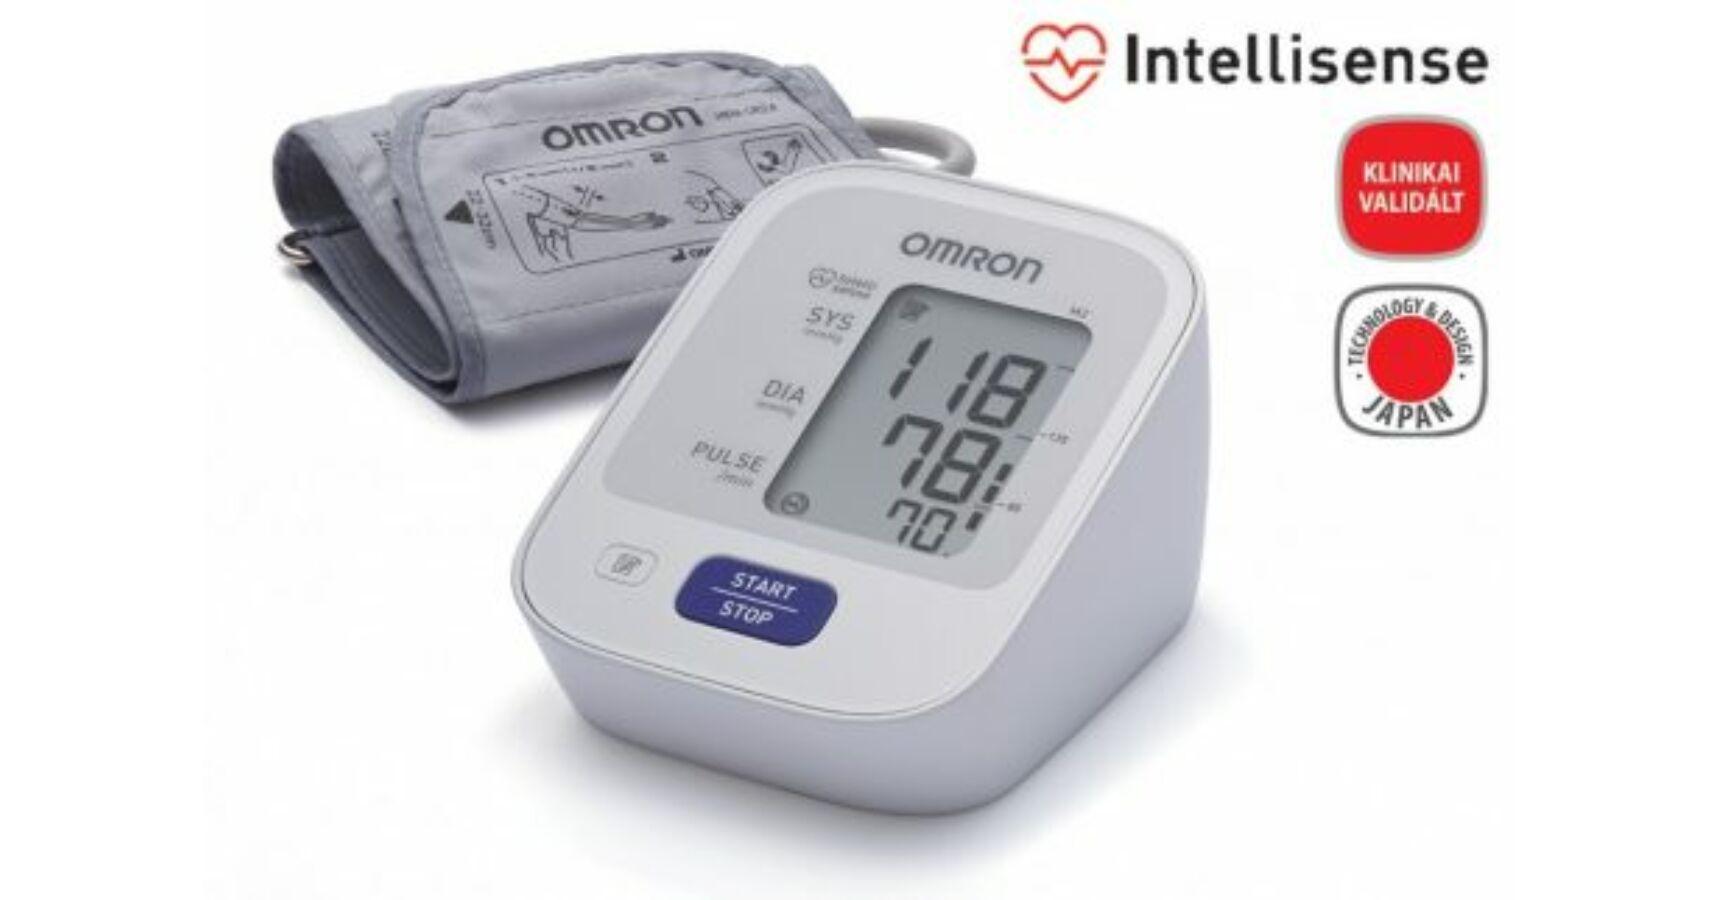 OMRON M2 Intellisense felkaros vérnyomásmérő 3 év garanciával